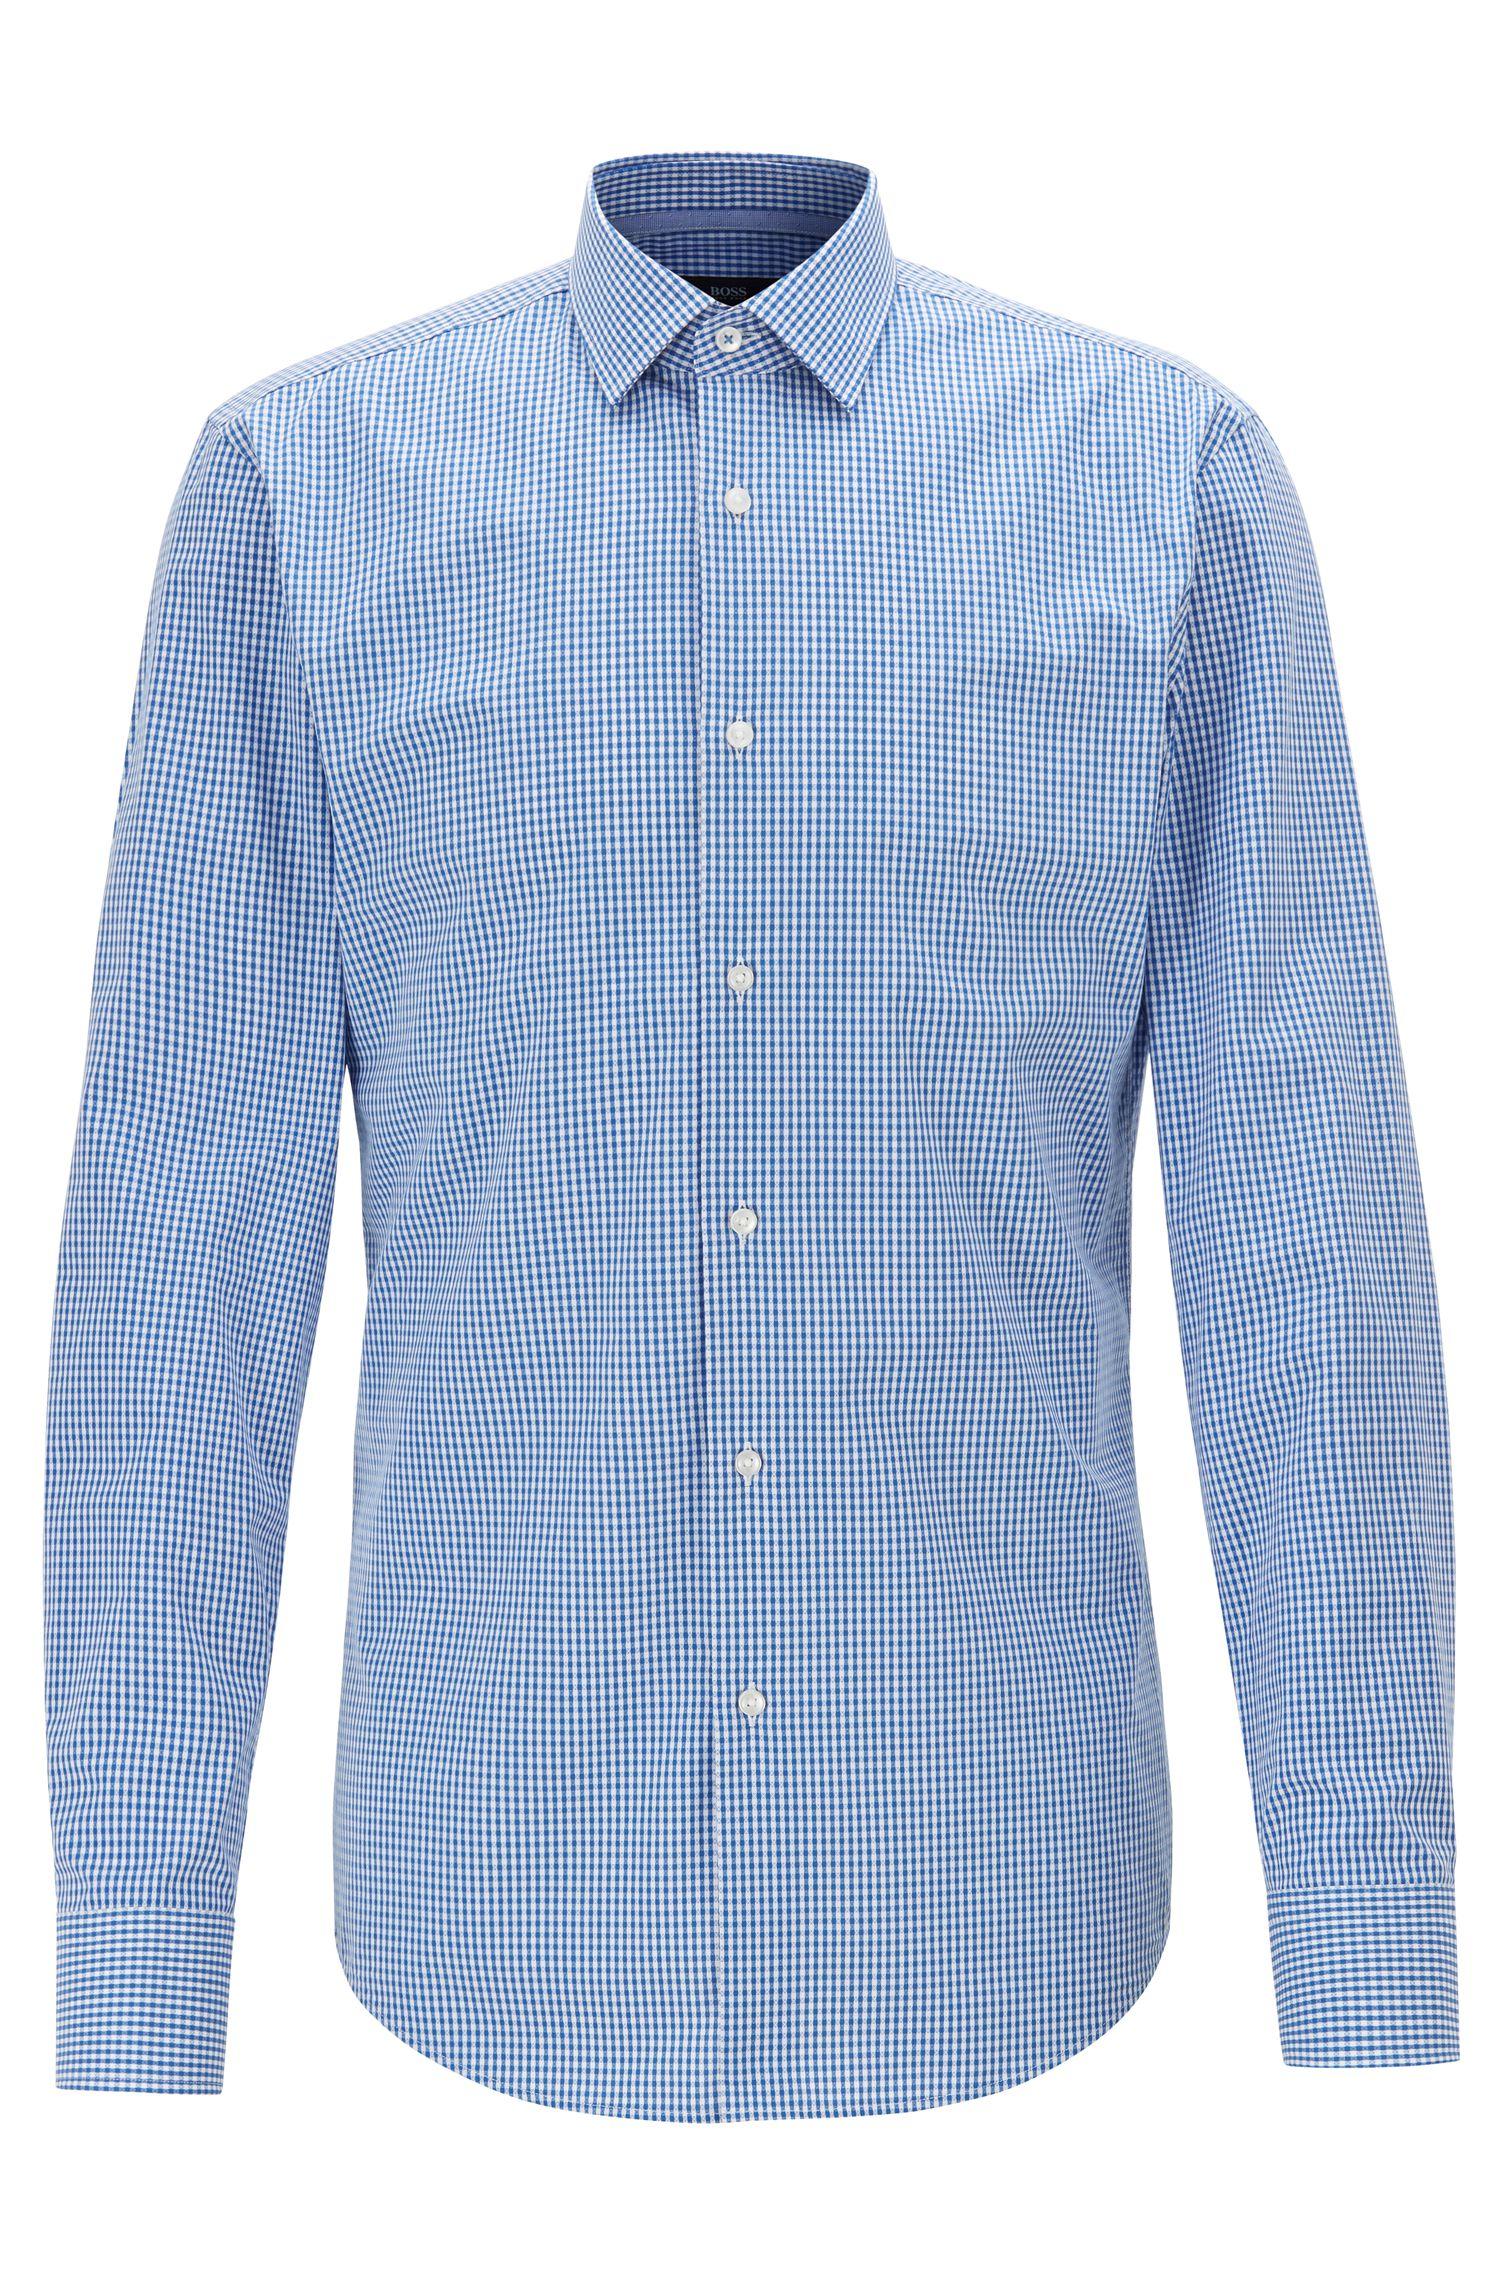 Slim-Fit Hemd aus strukturierter Baumwolle mit Vichy-Karo, Blau